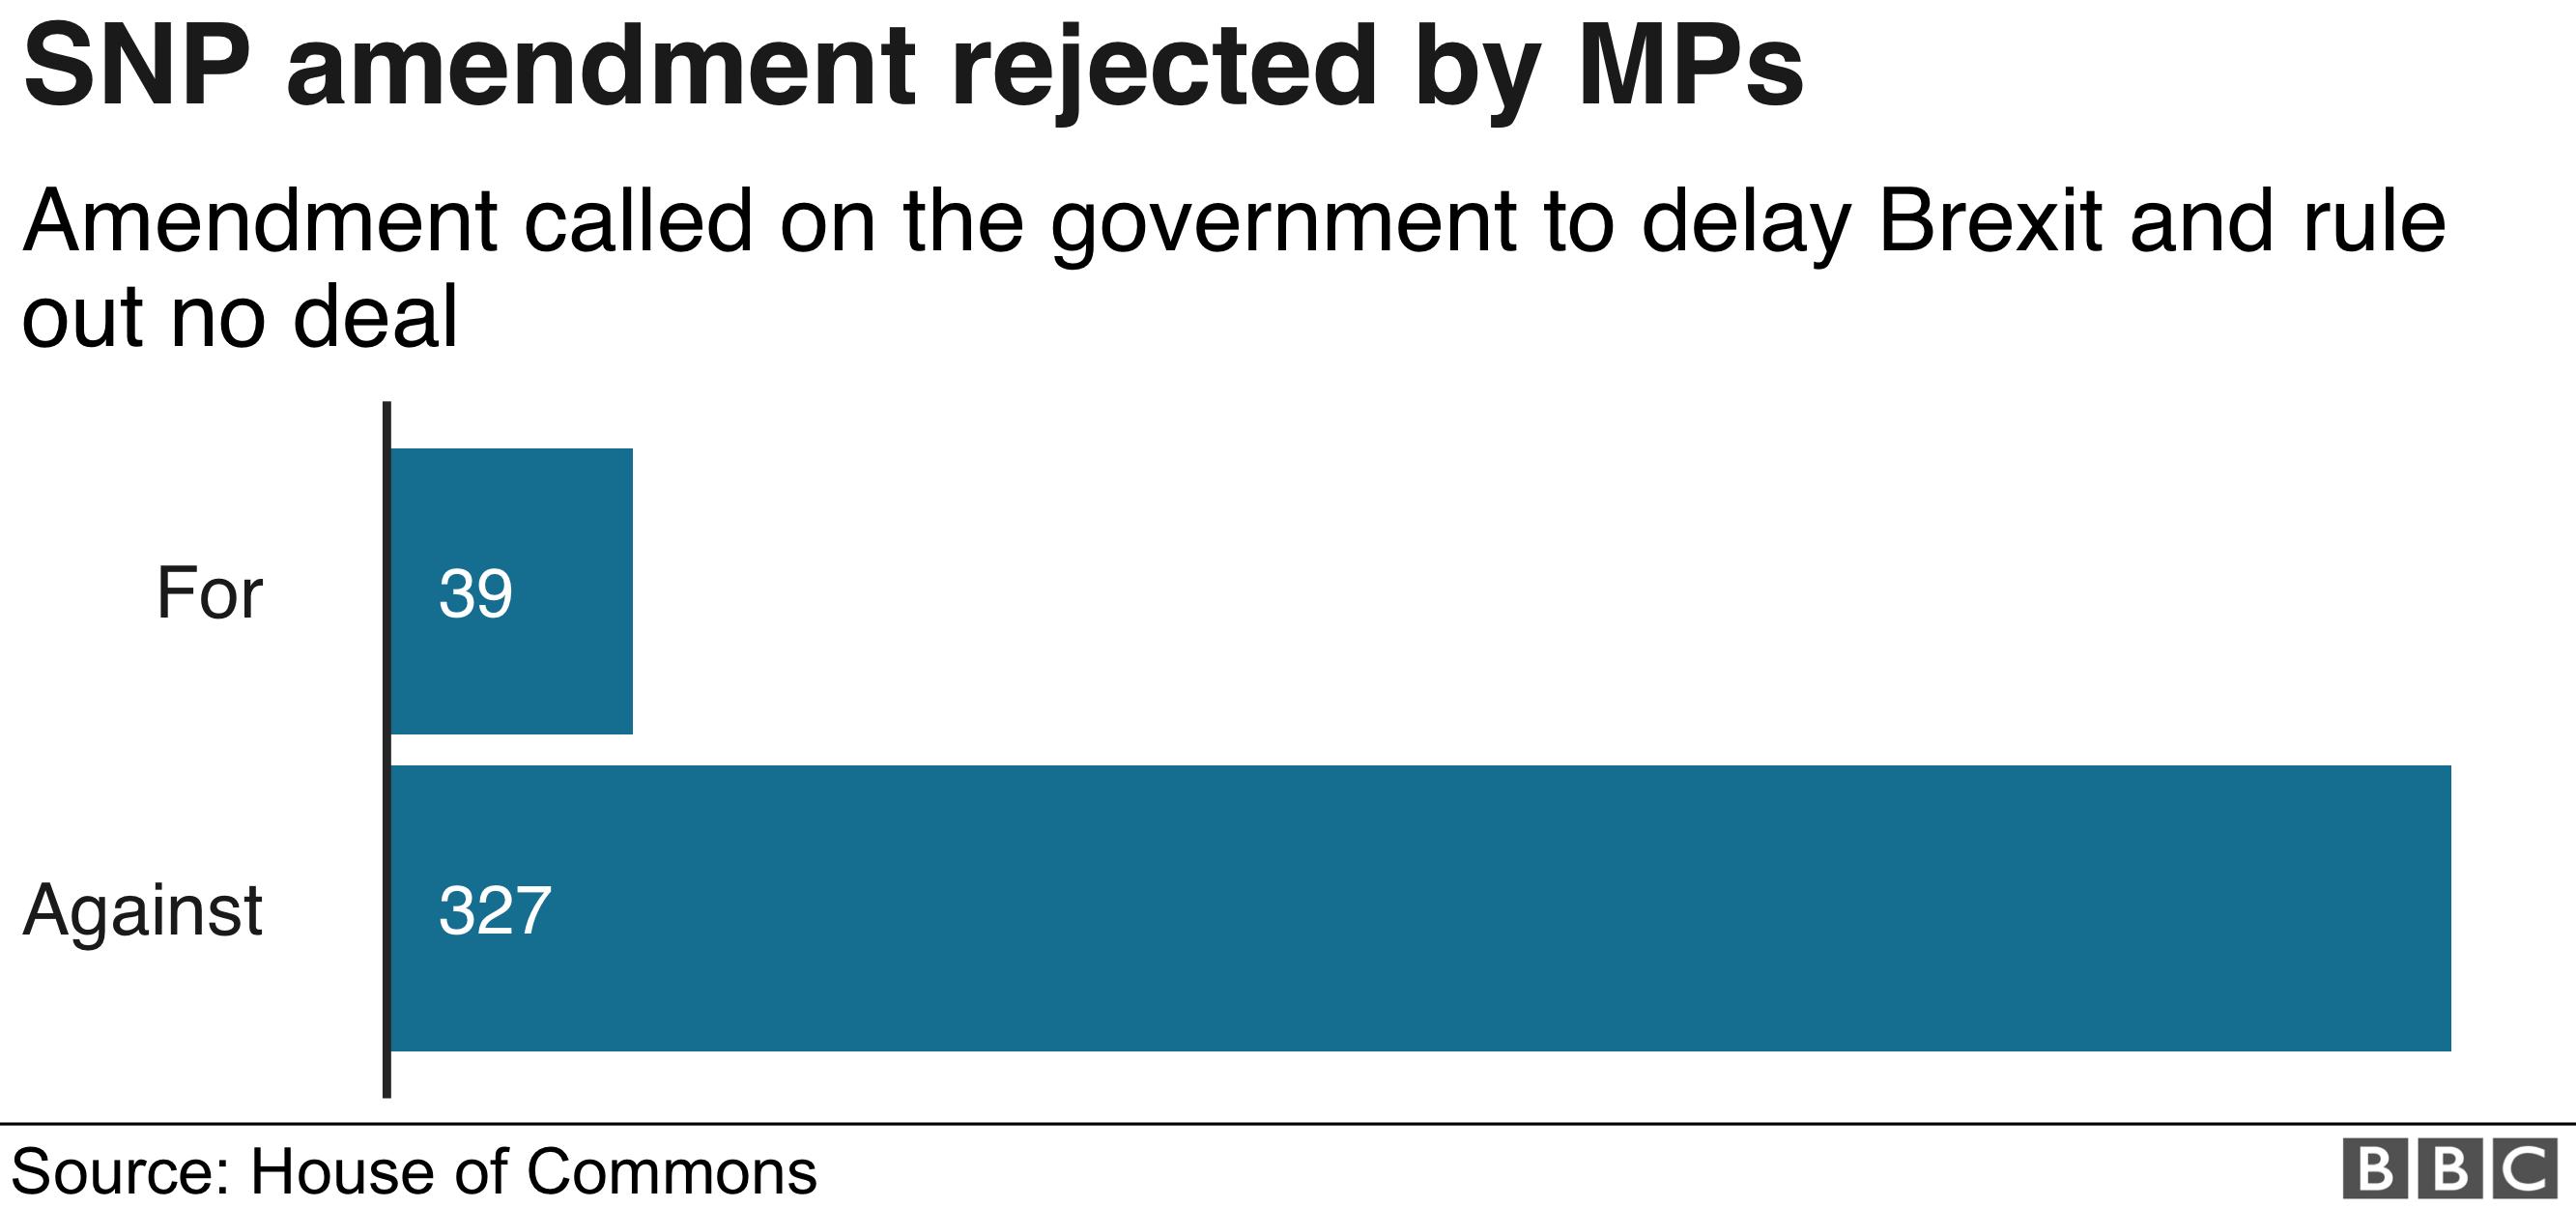 График результатов поправок SNP с отображением голосов